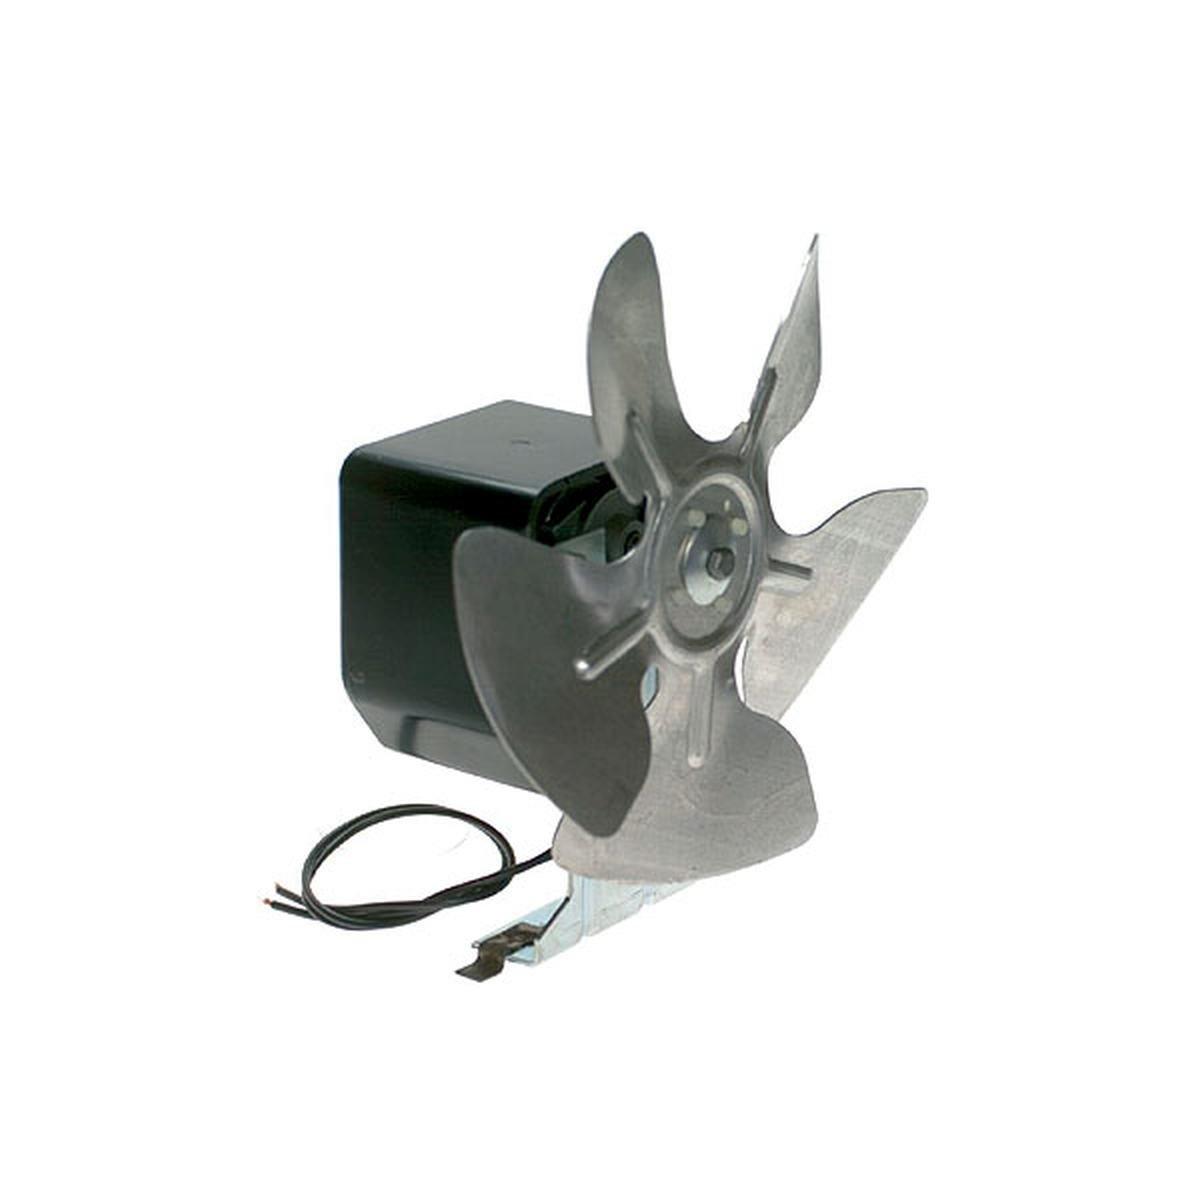 Ventilator 13w med blad-diameter 150 mm.